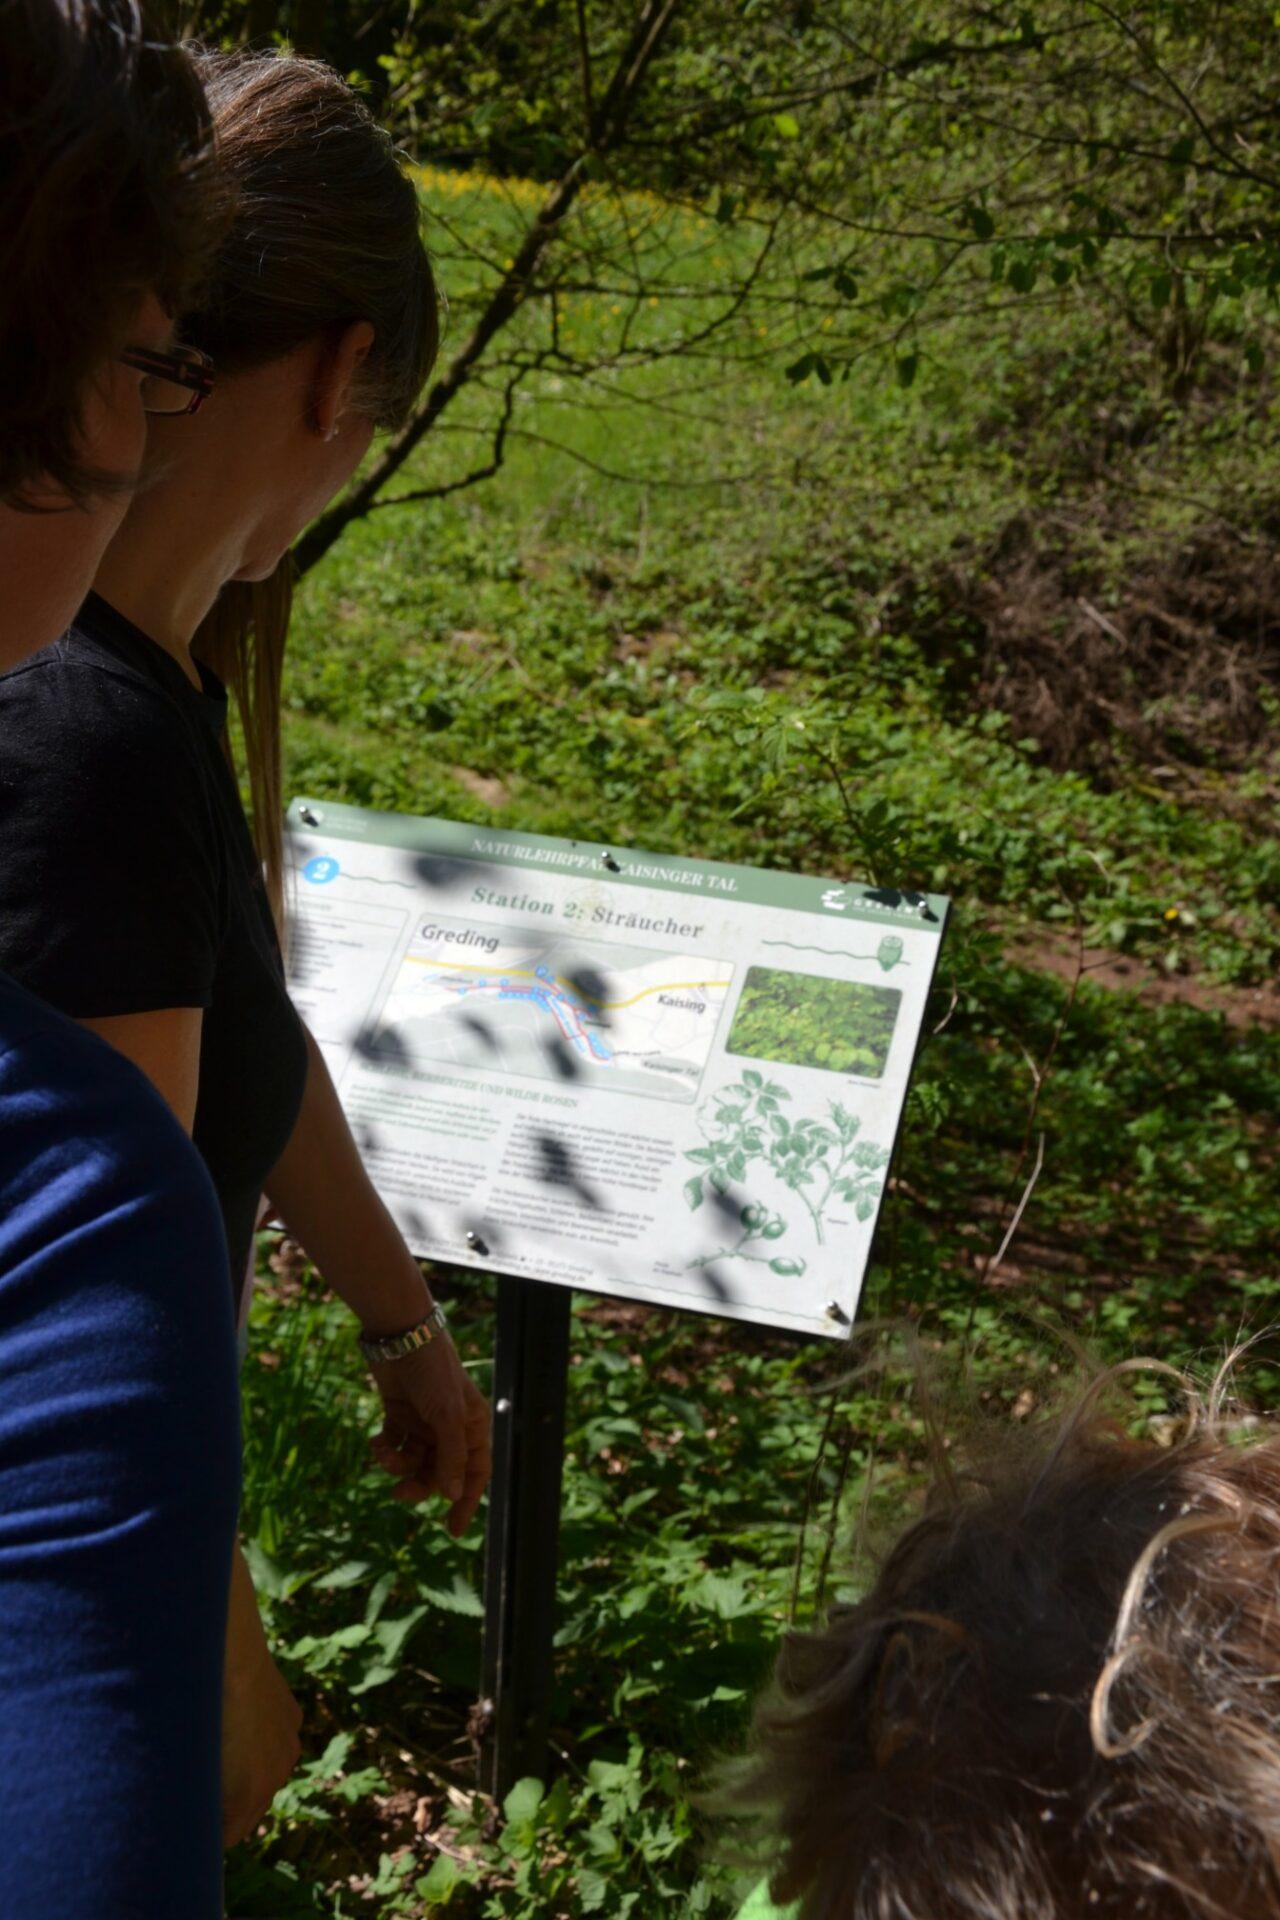 Auf den Tafeln finden sich Infos zur Flora und Fauna